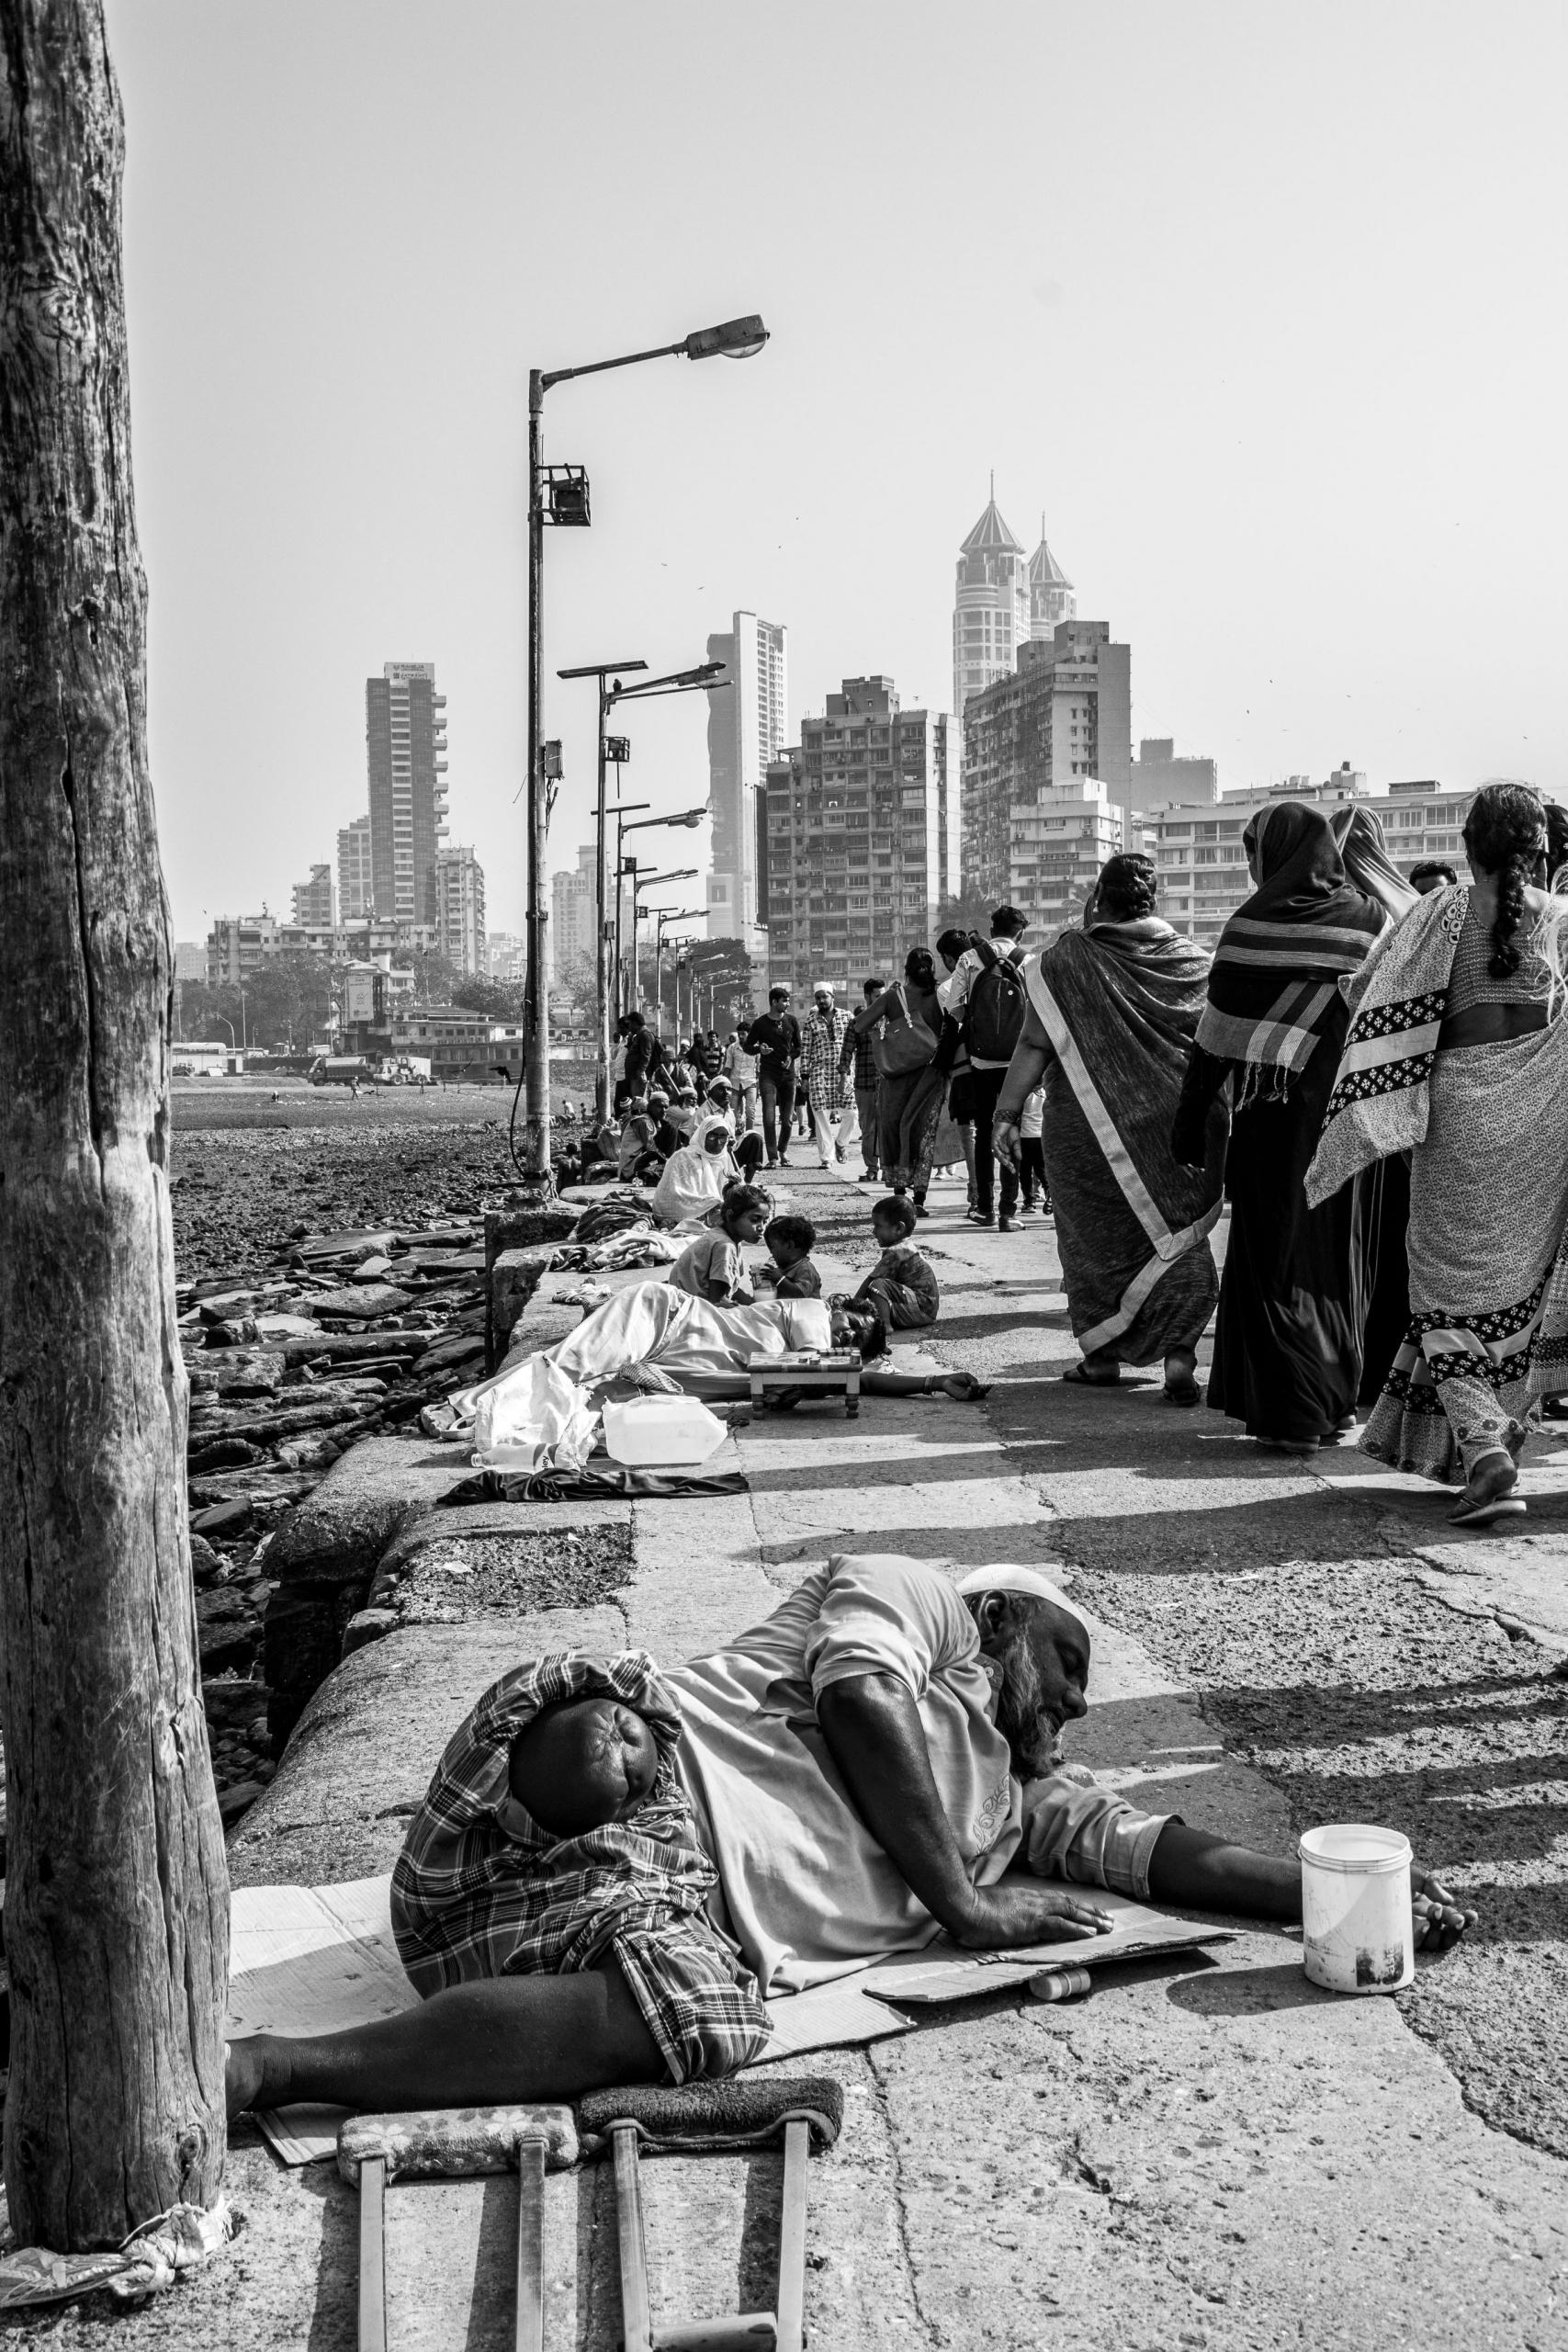 Żebracy na grobli prowadzącej do świątynii. | Haji Ali Dargah | Mumbaj | Indie